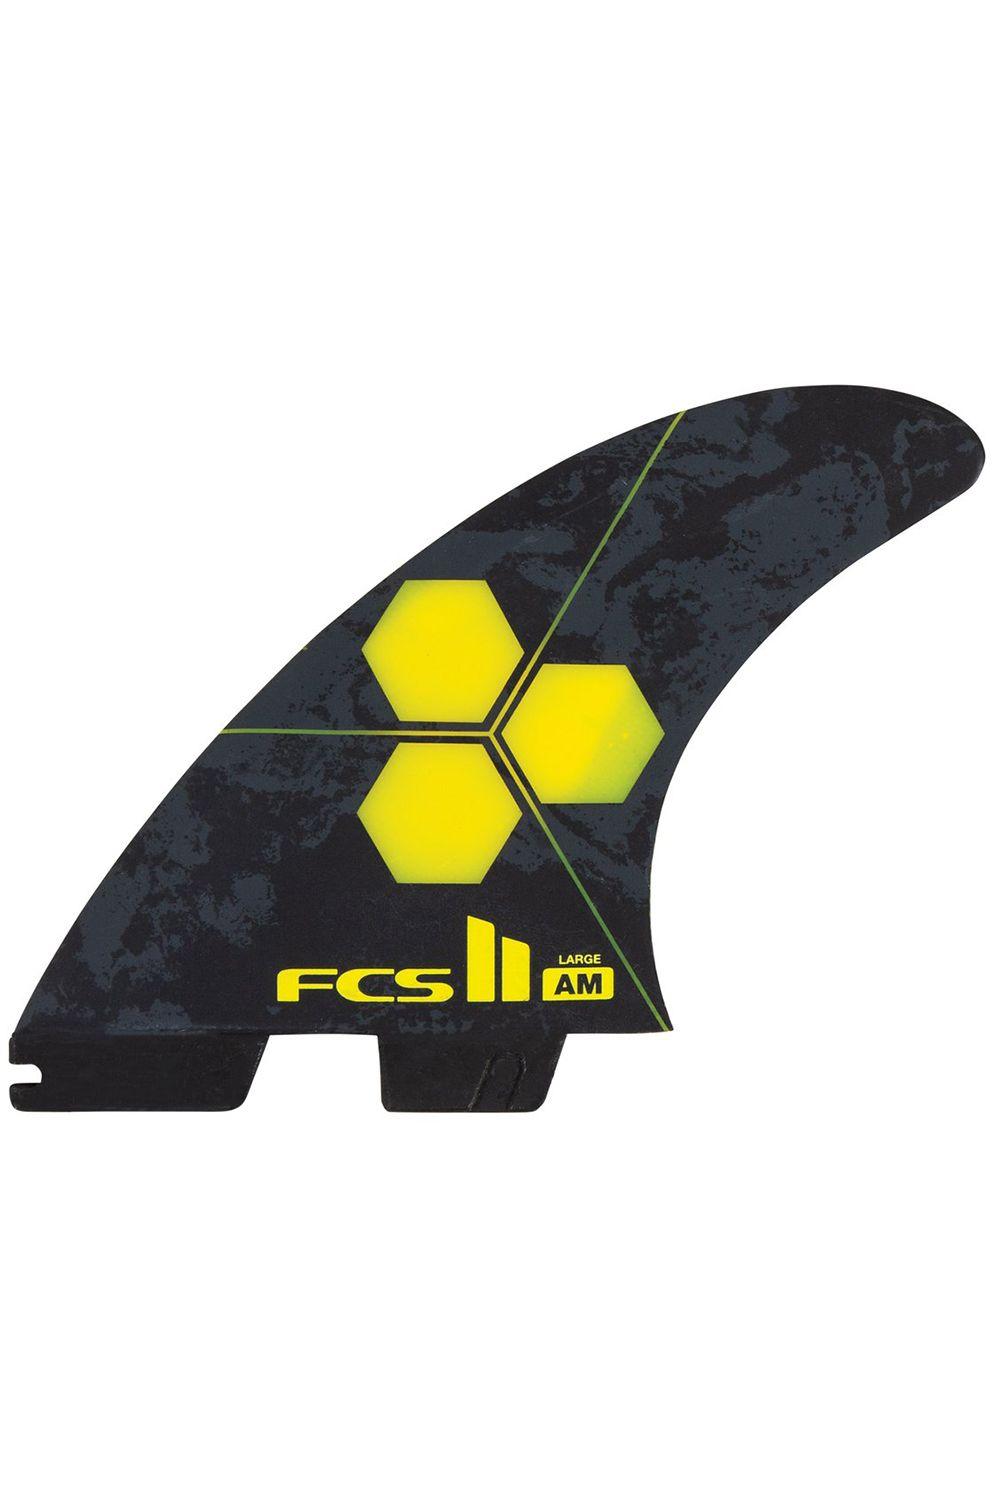 Fcs Fins II AM PC LARGE YELLOW TRI Tri FCS II L